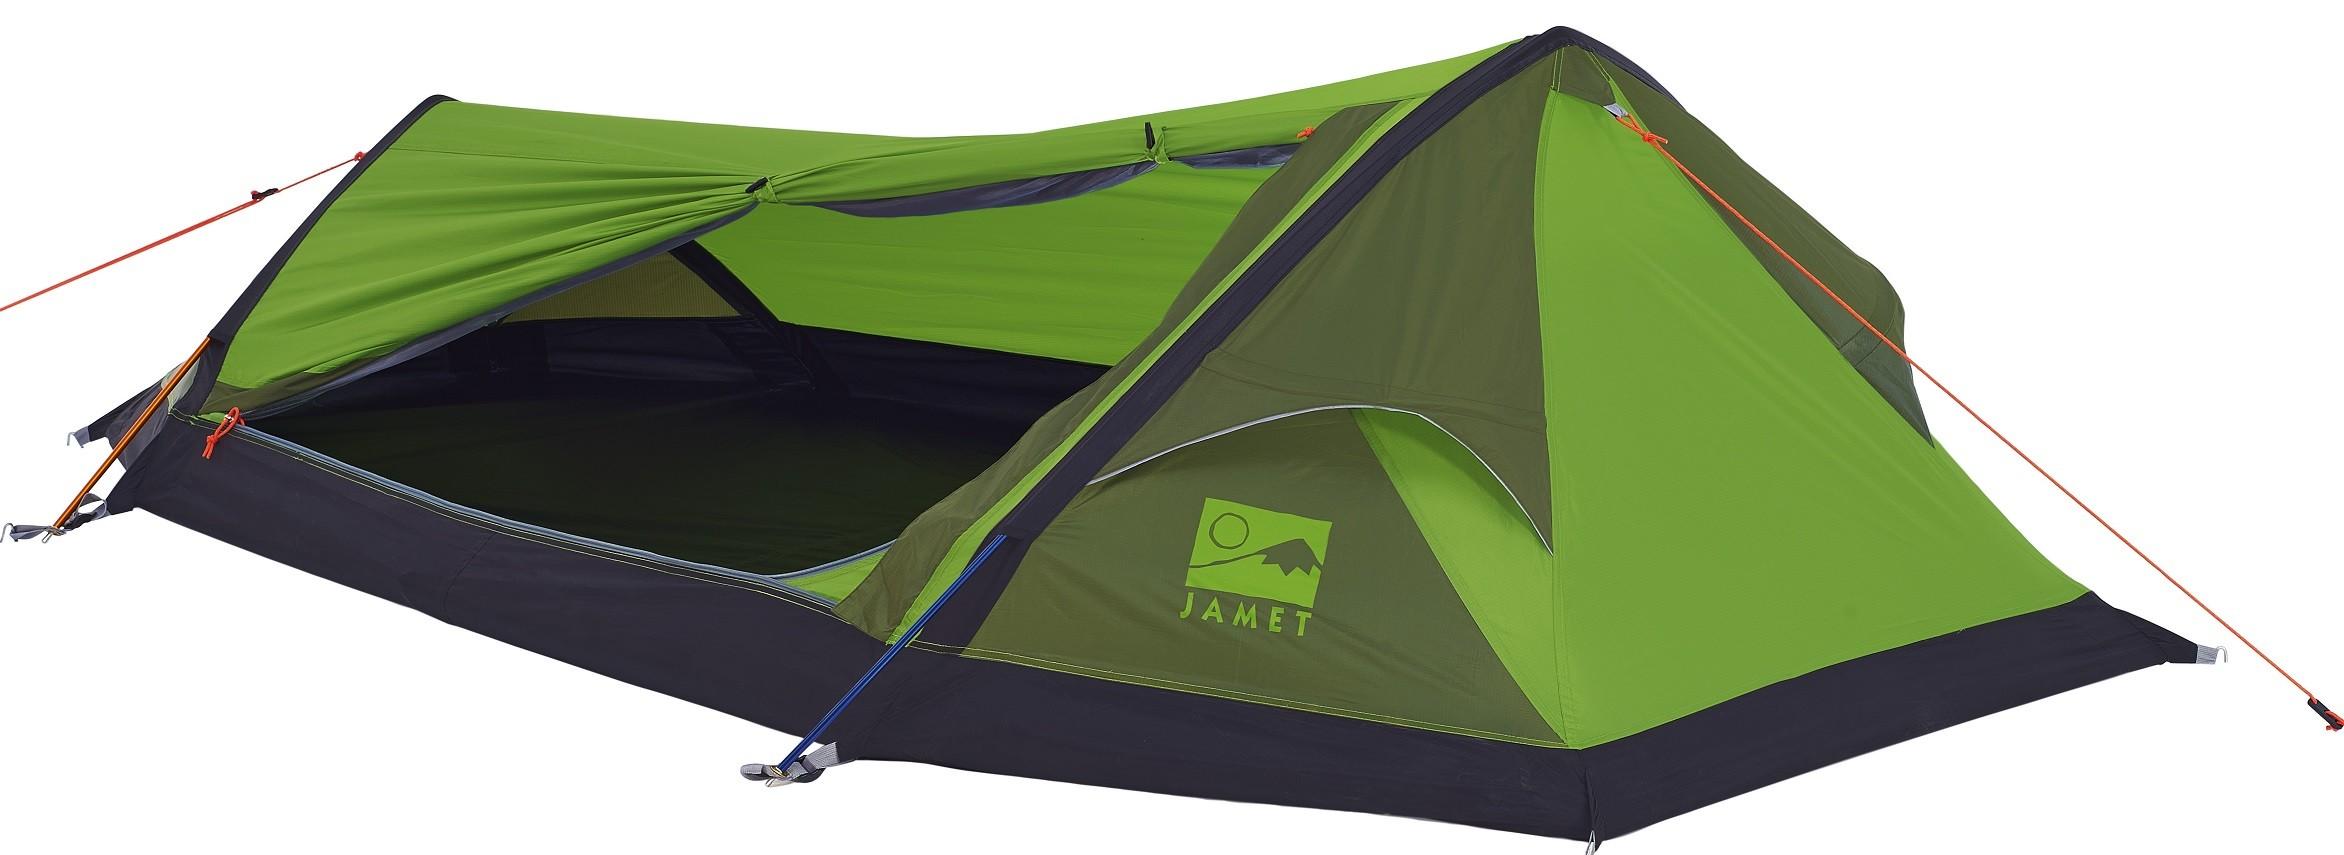 Tents Jamet